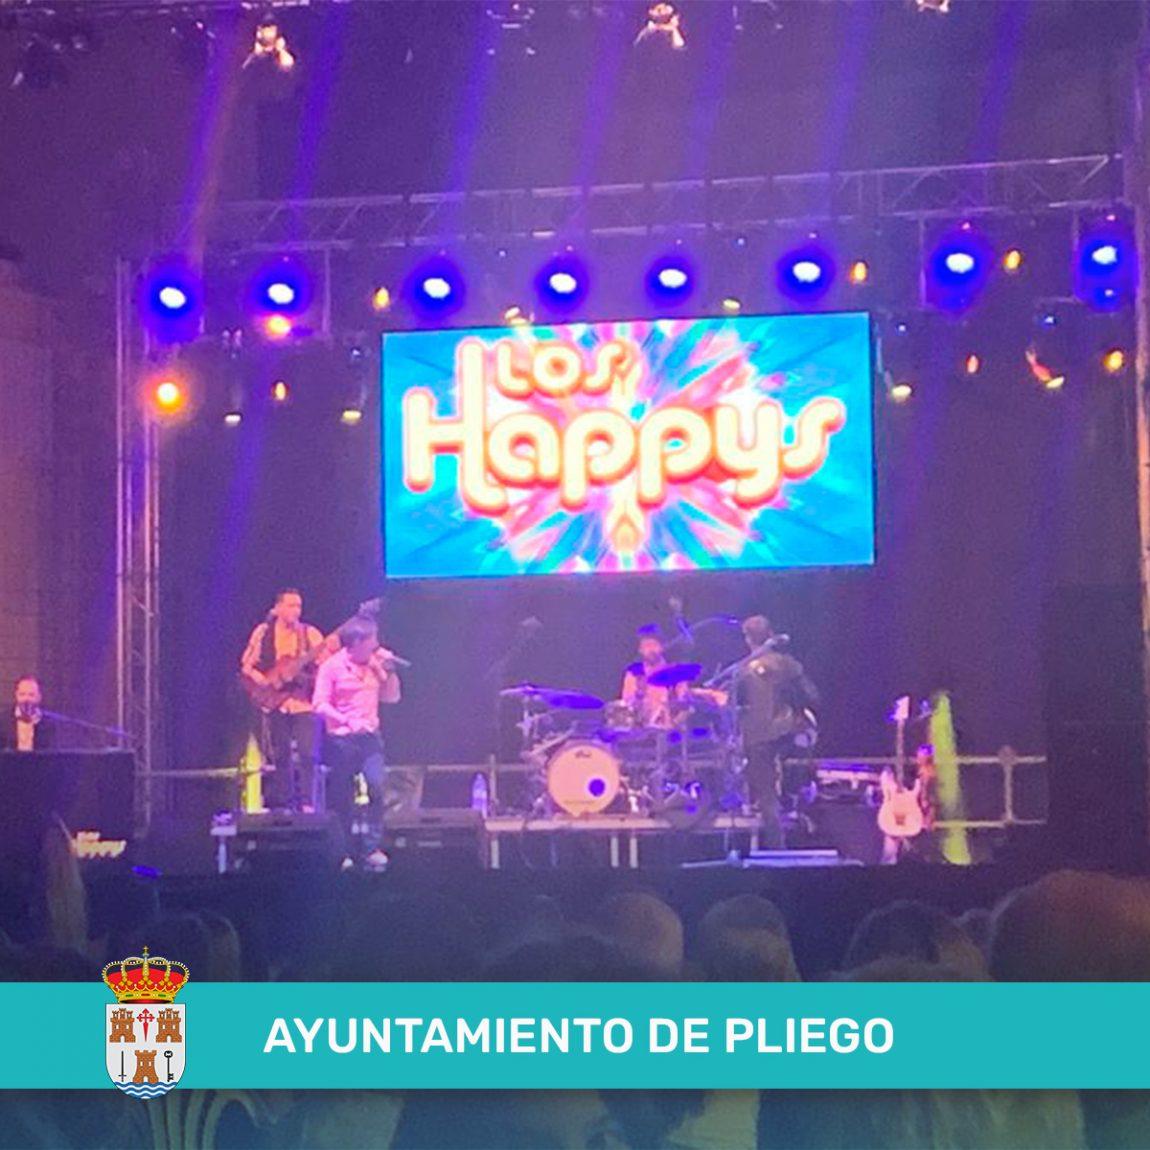 Los Happys en concierto